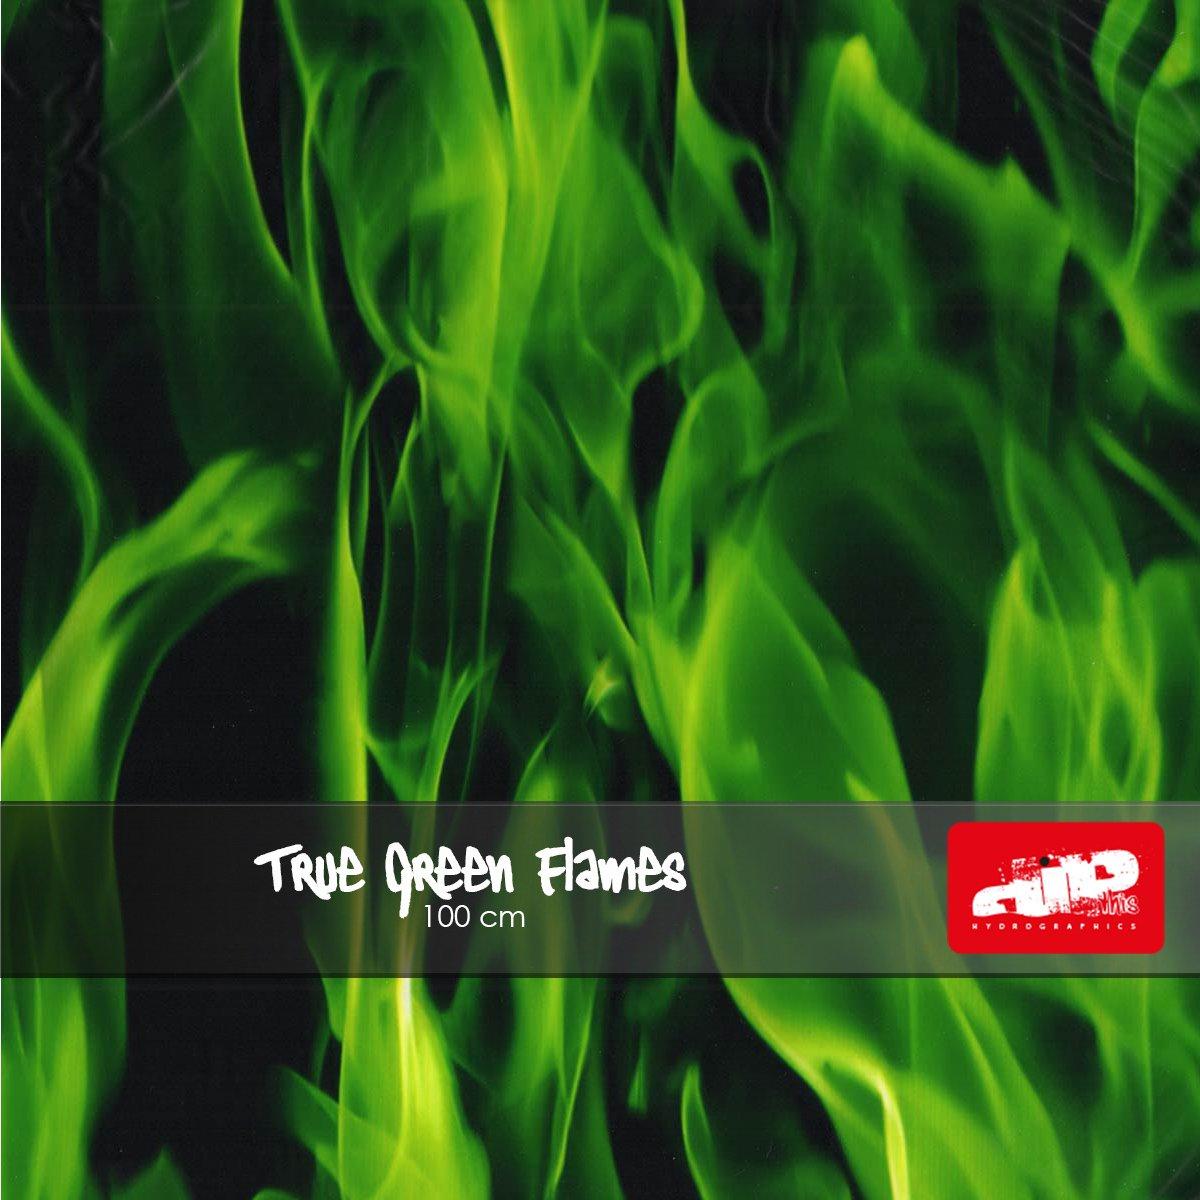 True Green Flames